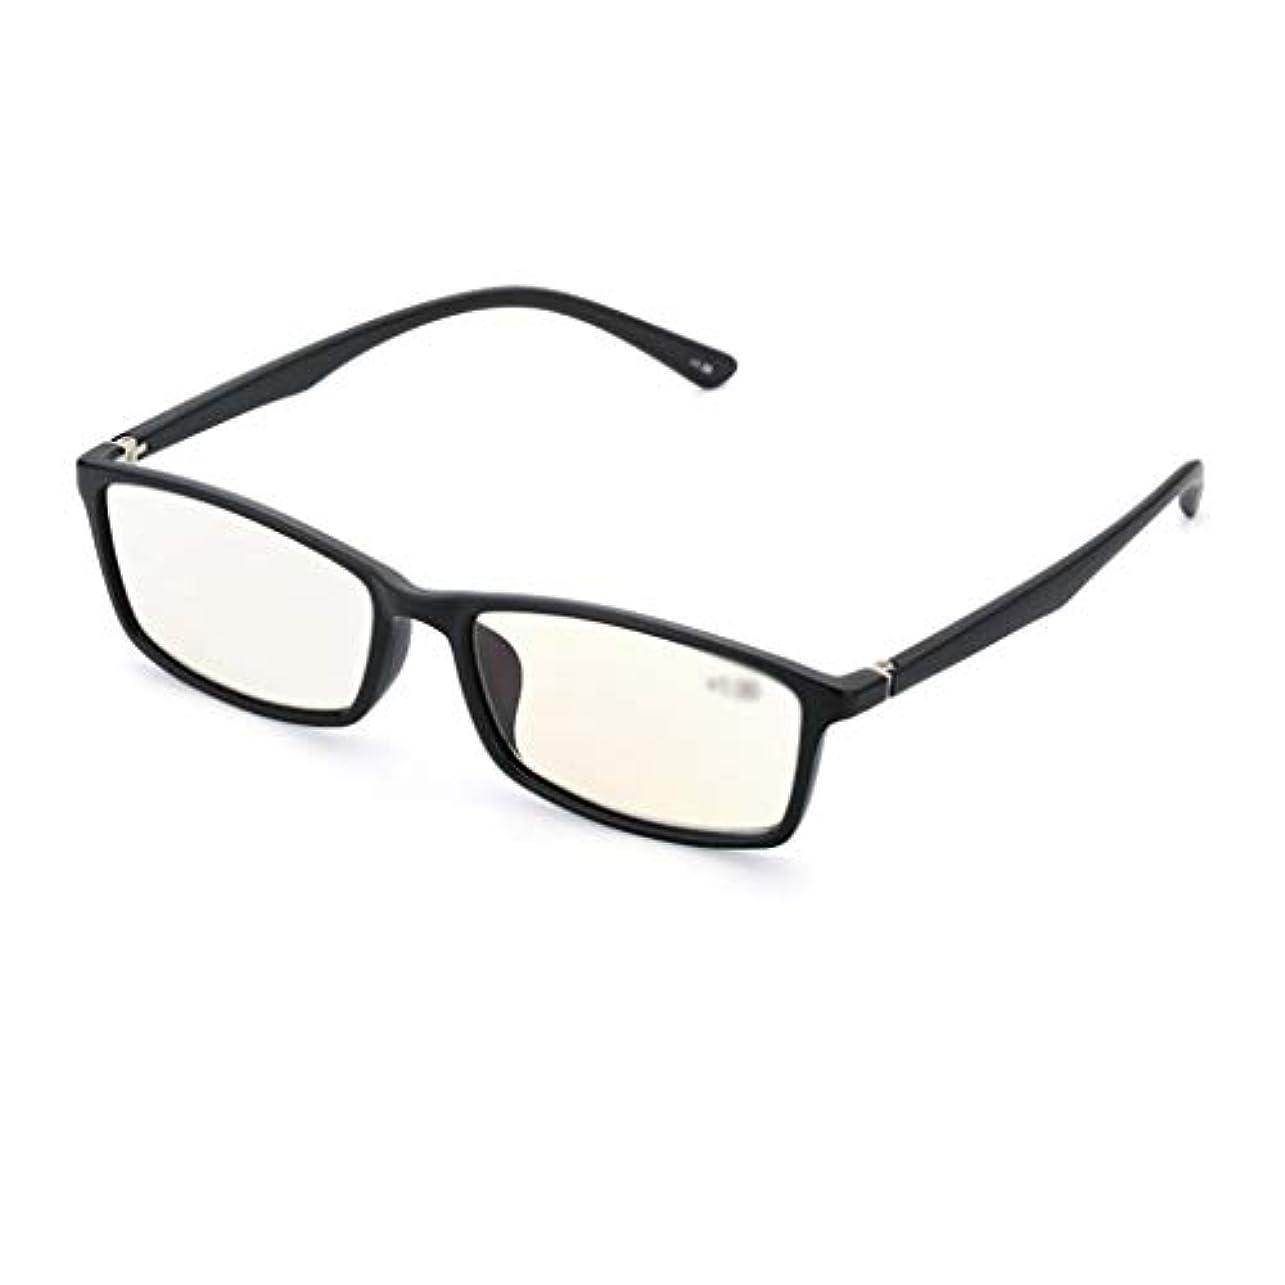 引き渡すローラーケージYiYi老眼鏡 コンピュータメガネUVプロテクション、アンチブルーレイ老眼鏡、超軽量老人メガネ、目の疲れを和らげる(赤、黒)、+ 1.0?+ 3.0ジオプター